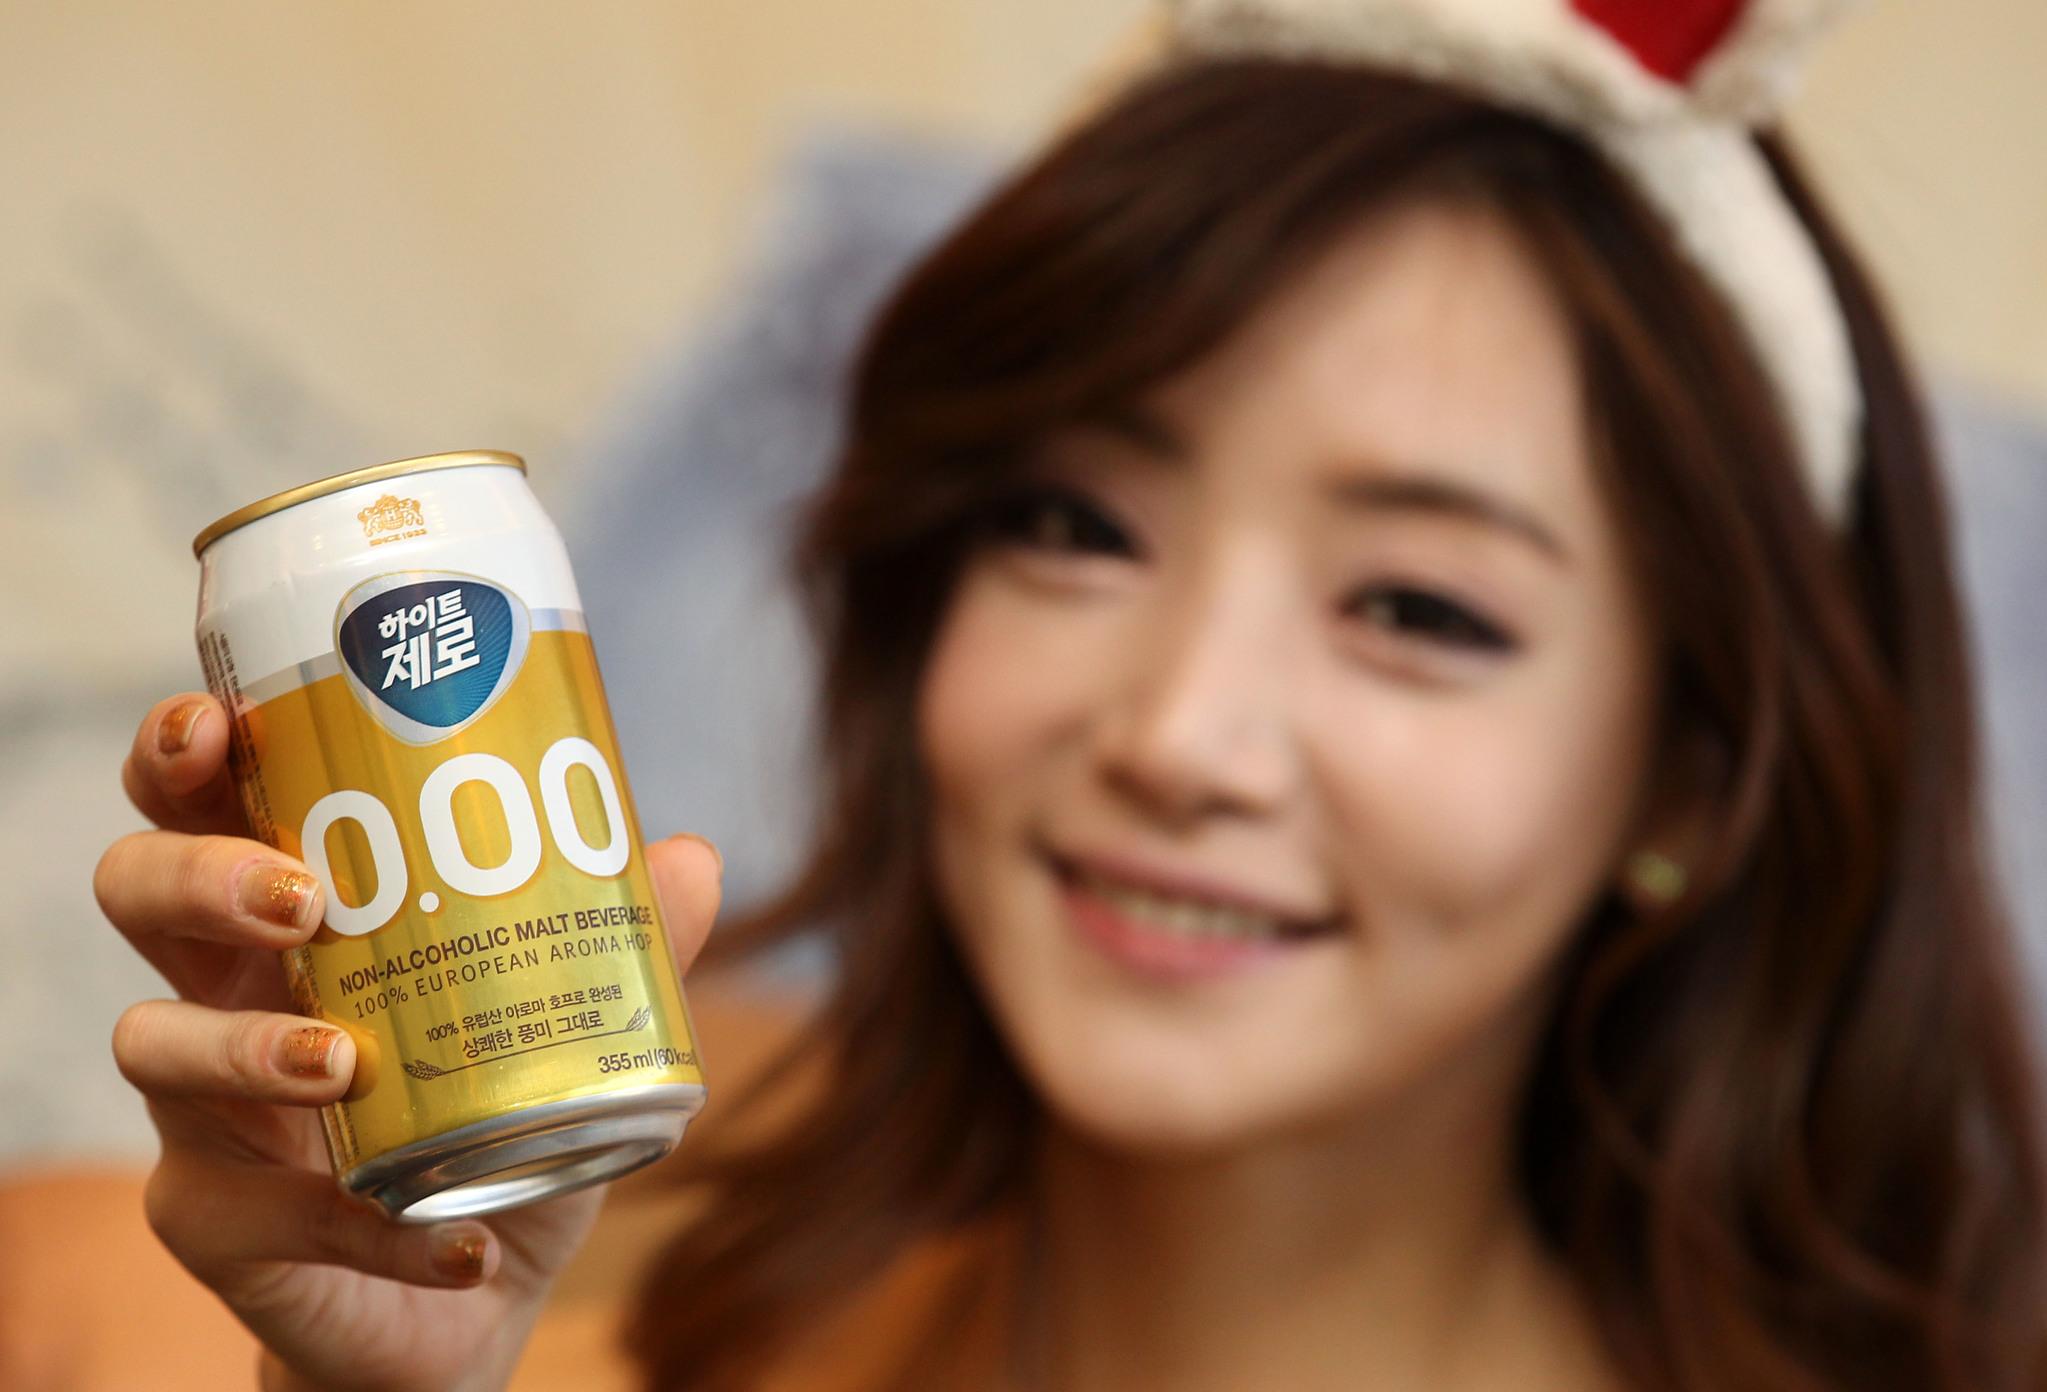 한 주류 회사에서 판매하는 무알코올 음료. 이러한 맥주 맛 음료도 '비알코올'과 '무알코올'이 다른만큼 소비자들은 식품 표시를 자세히 보고 구매하는 게 좋다. [중앙포토]